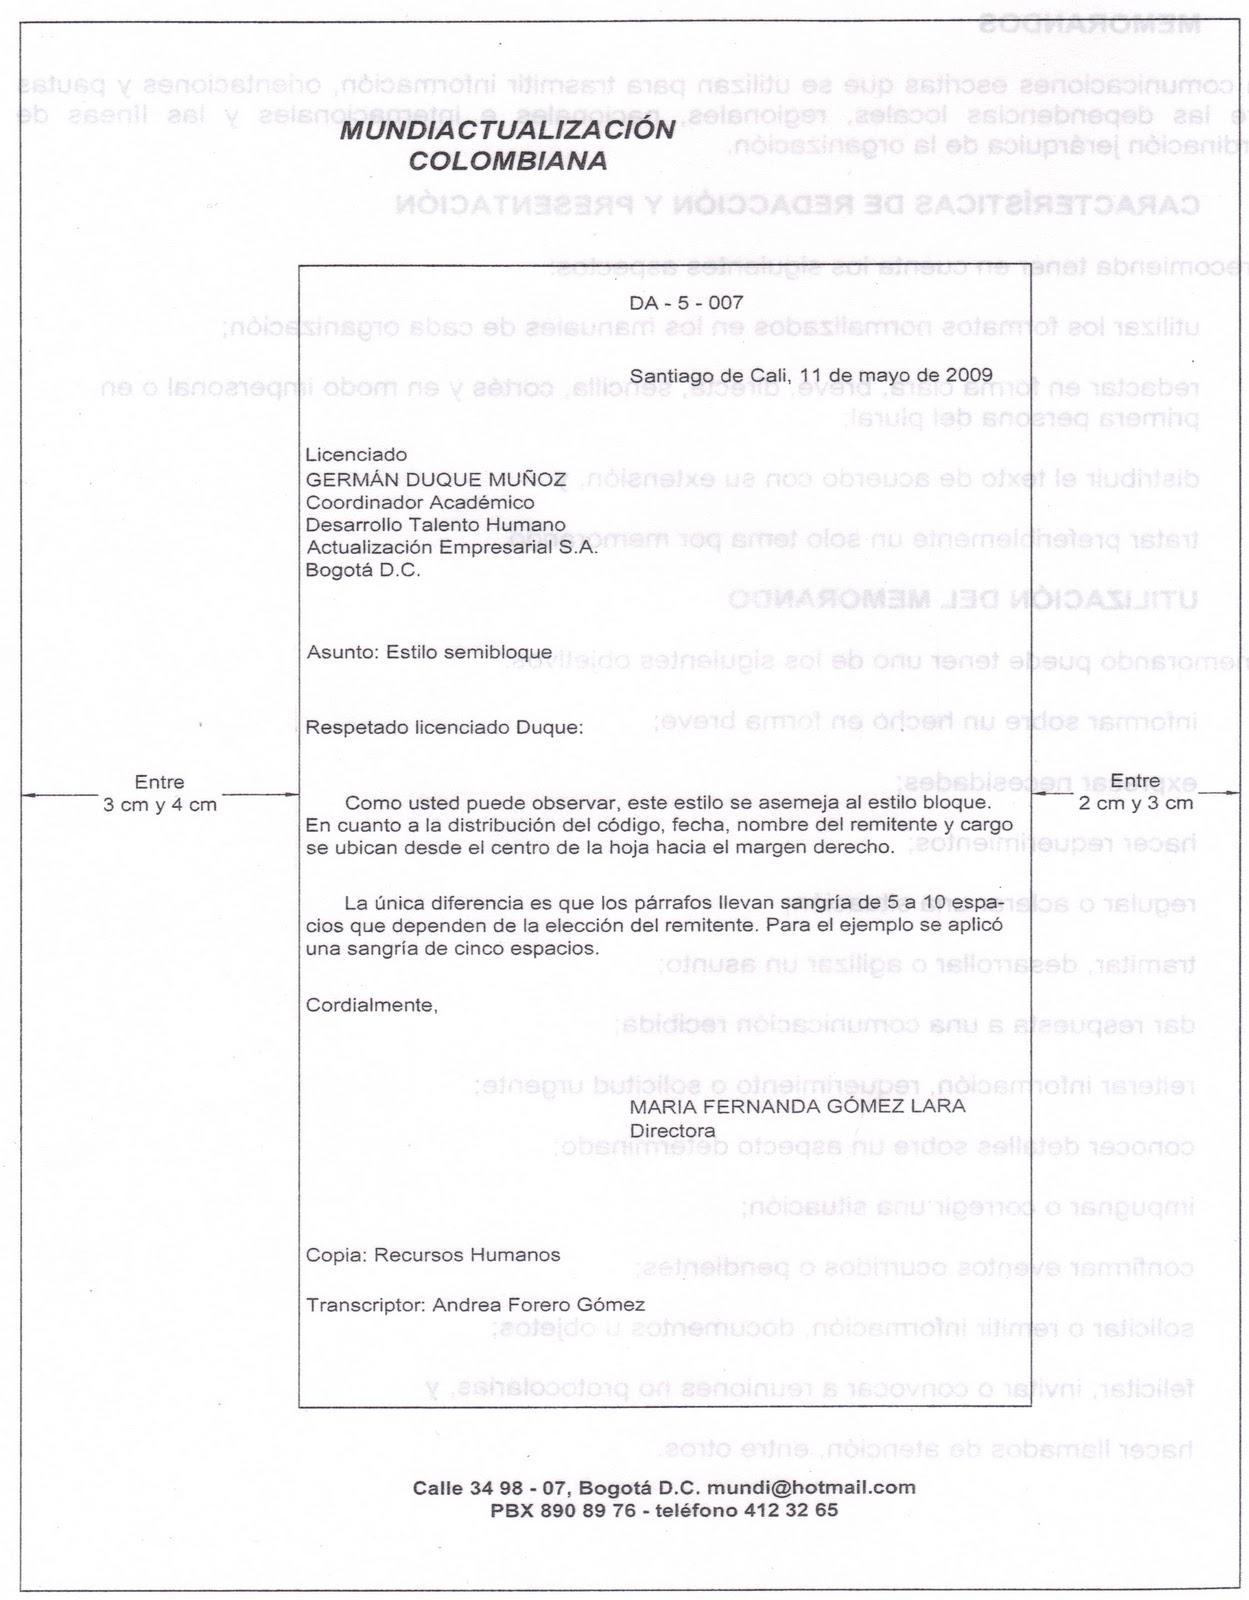 Producir documentos como hacer una carta